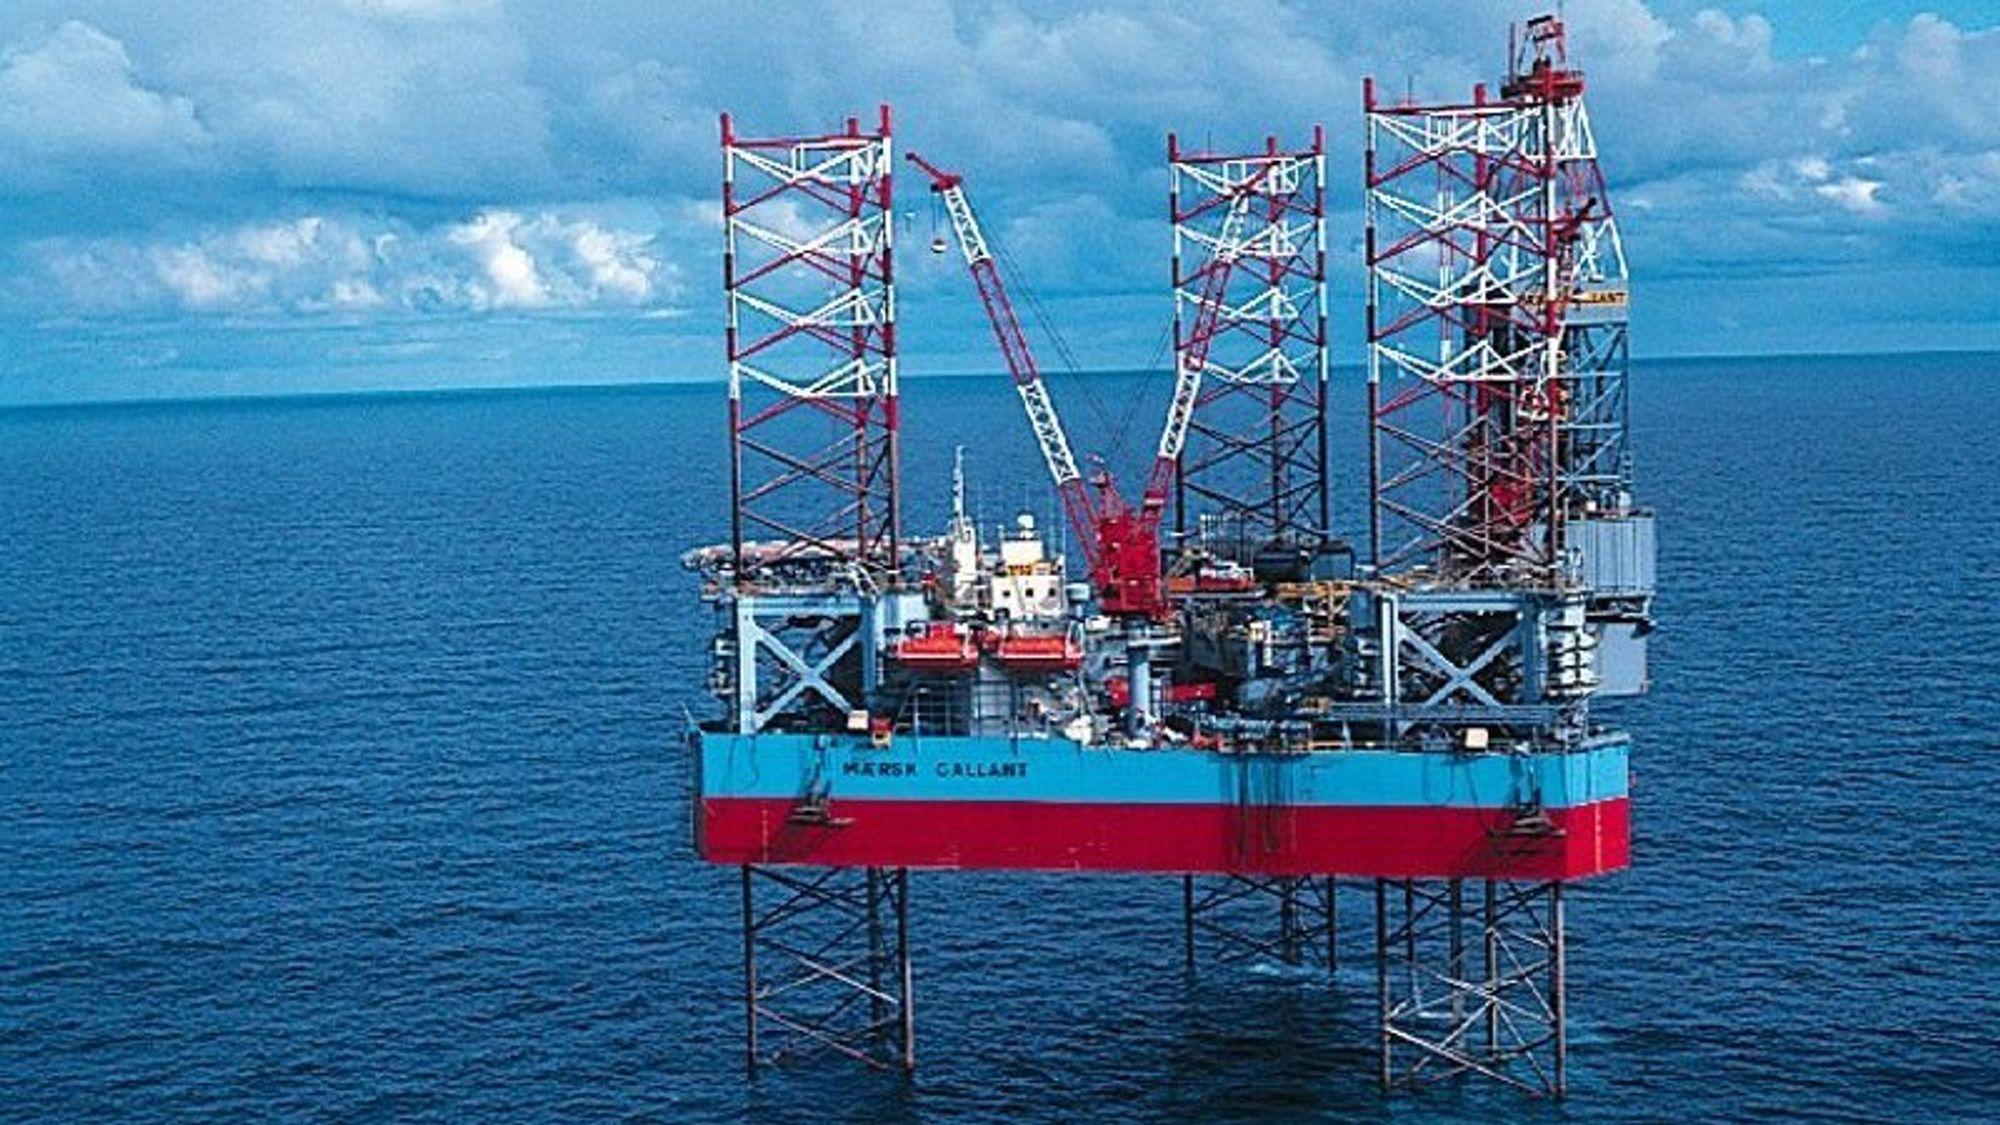 I 2012 gjorde den oppjekkbare riggen Maersk Gallant store funn av olje og gass for Statoil på King Lear-feltet. Nå mener de Aker BP ser større muligheter enn dem selv for fortsatt utvinning.